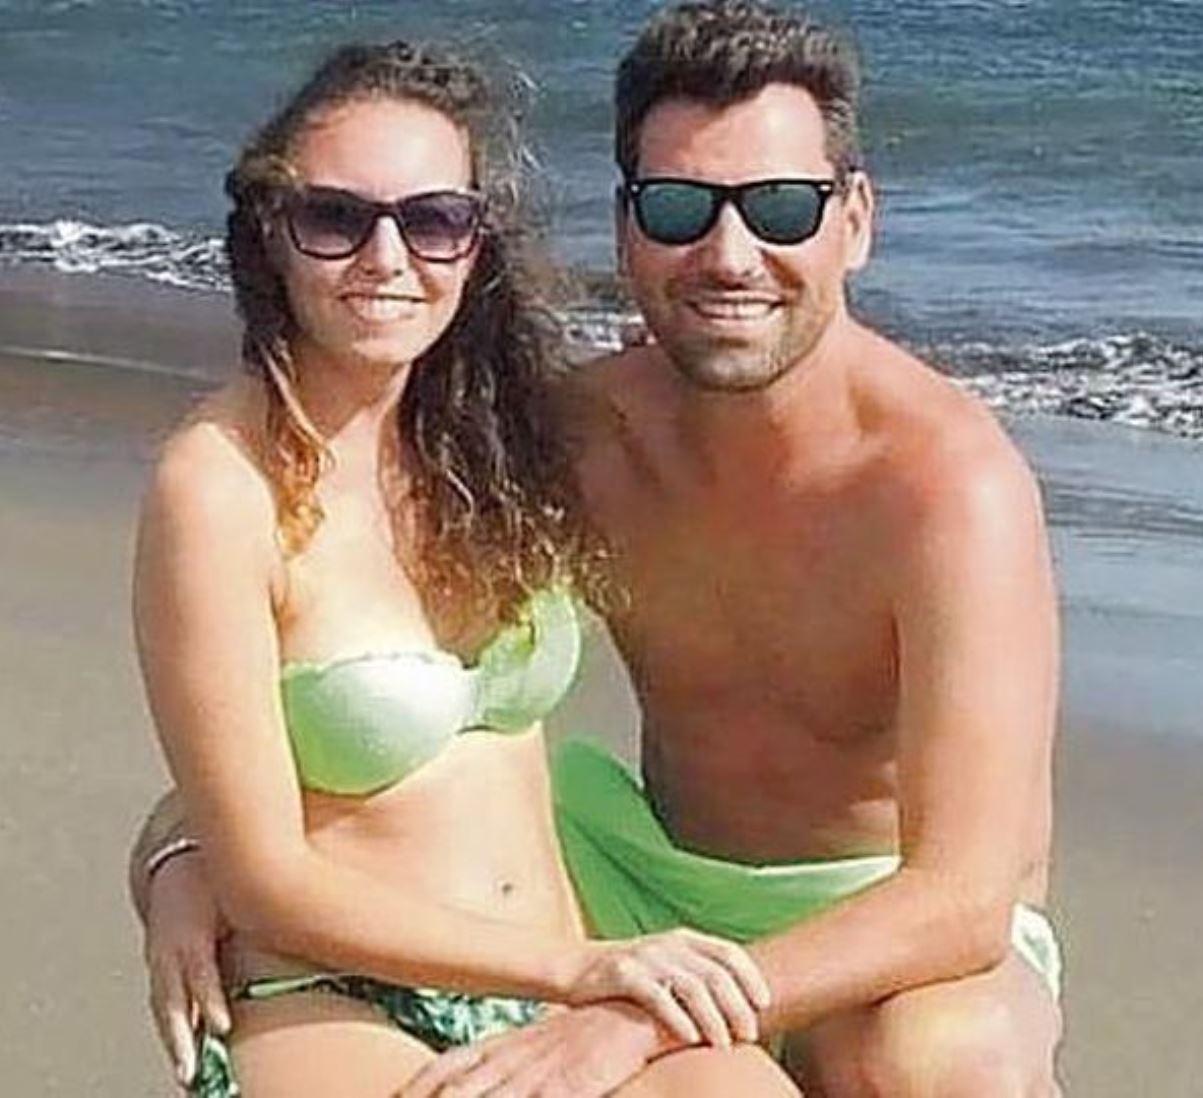 alberto muranella morto incidente tenerife